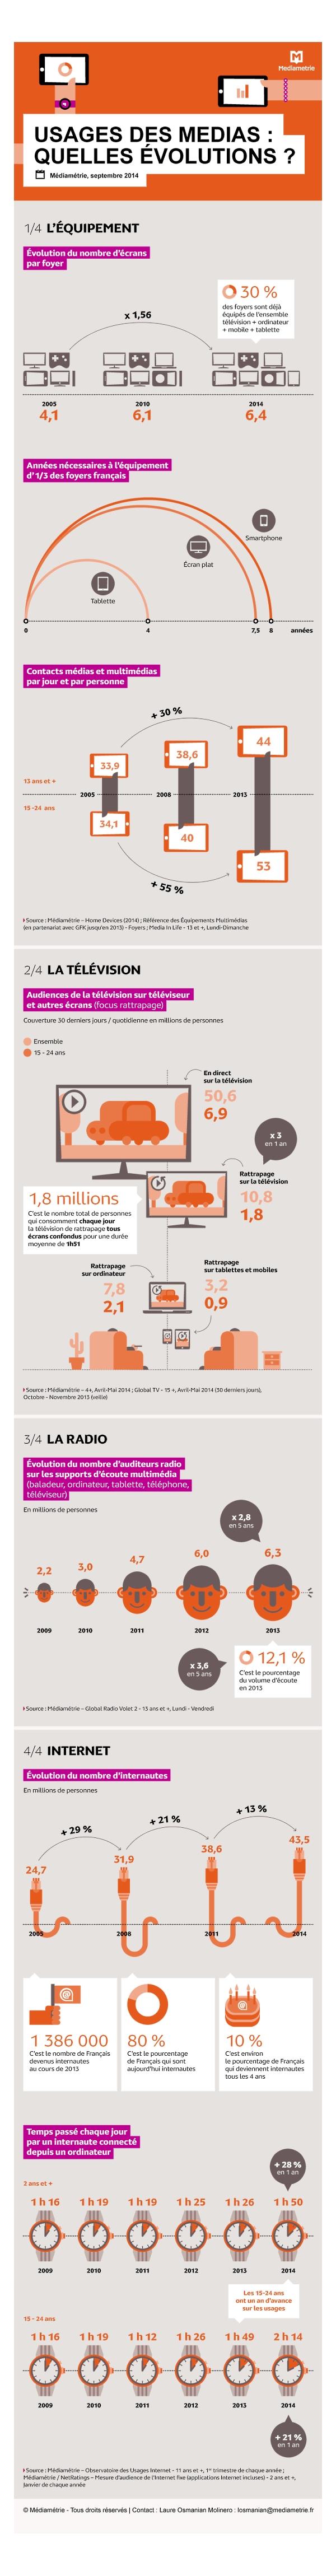 MEDIAMETRIE_Infographie_Quels_usages_pour_le_multimédia